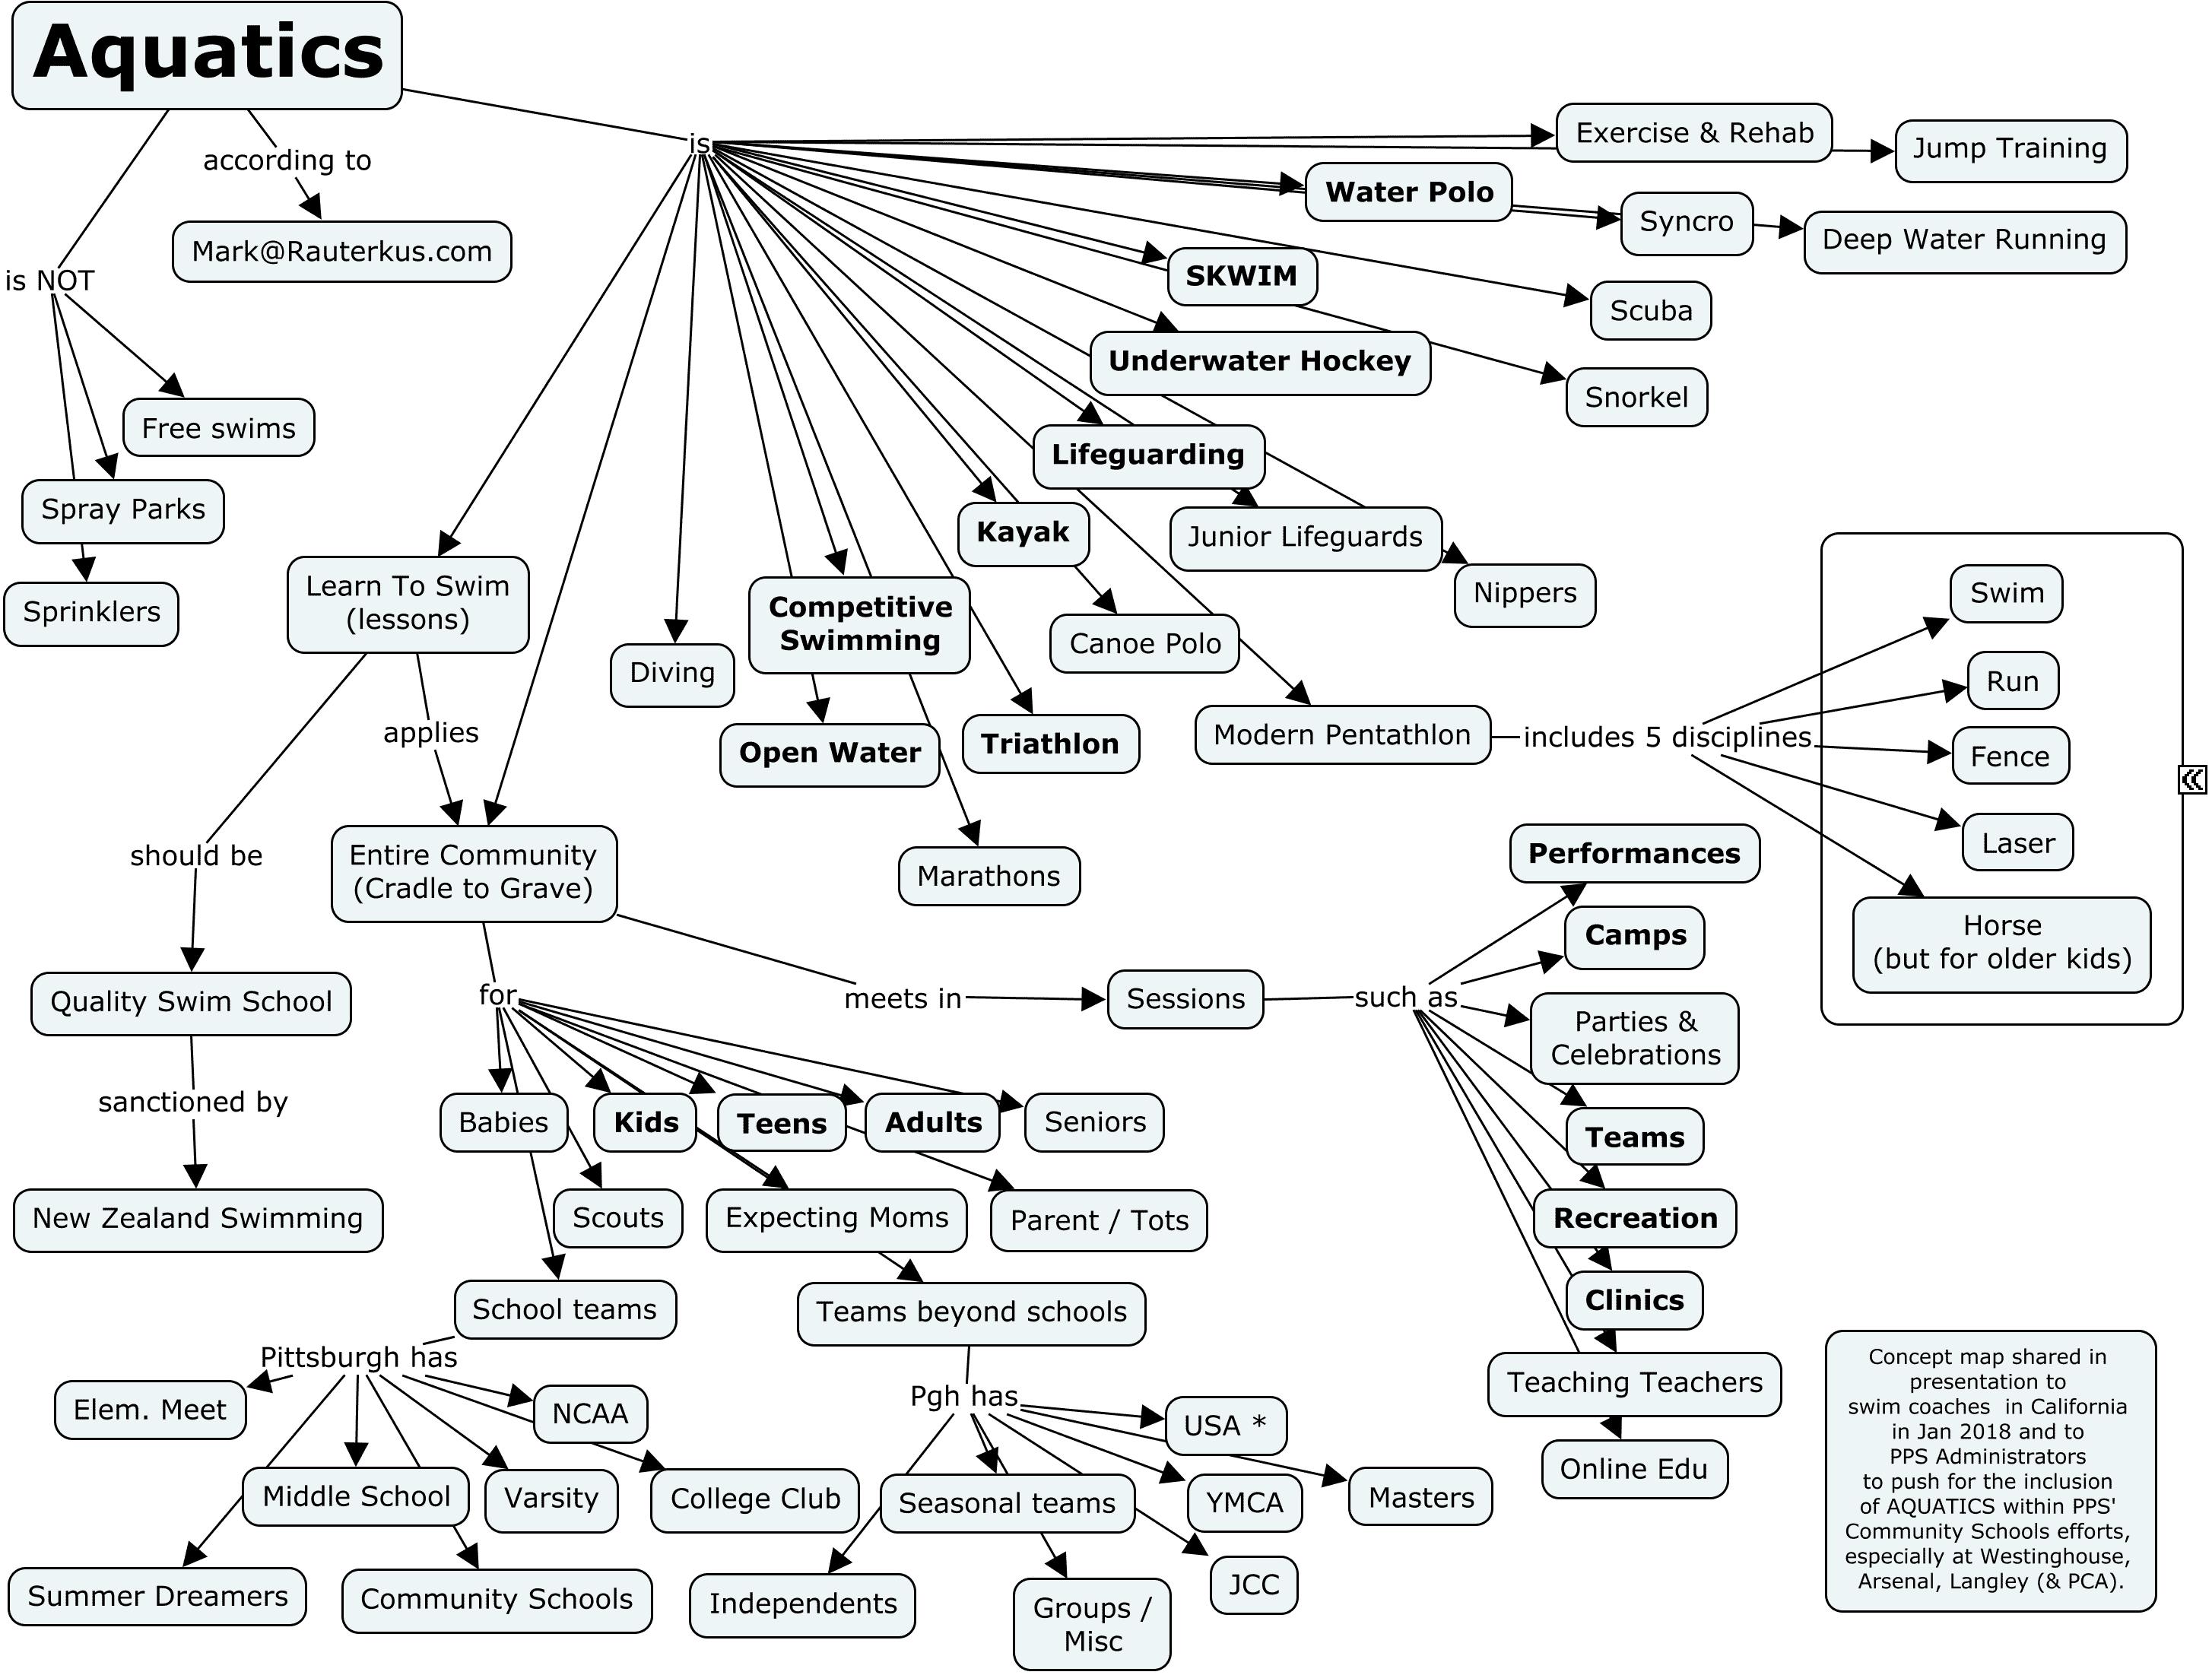 Aquatics, Holistic Cmap